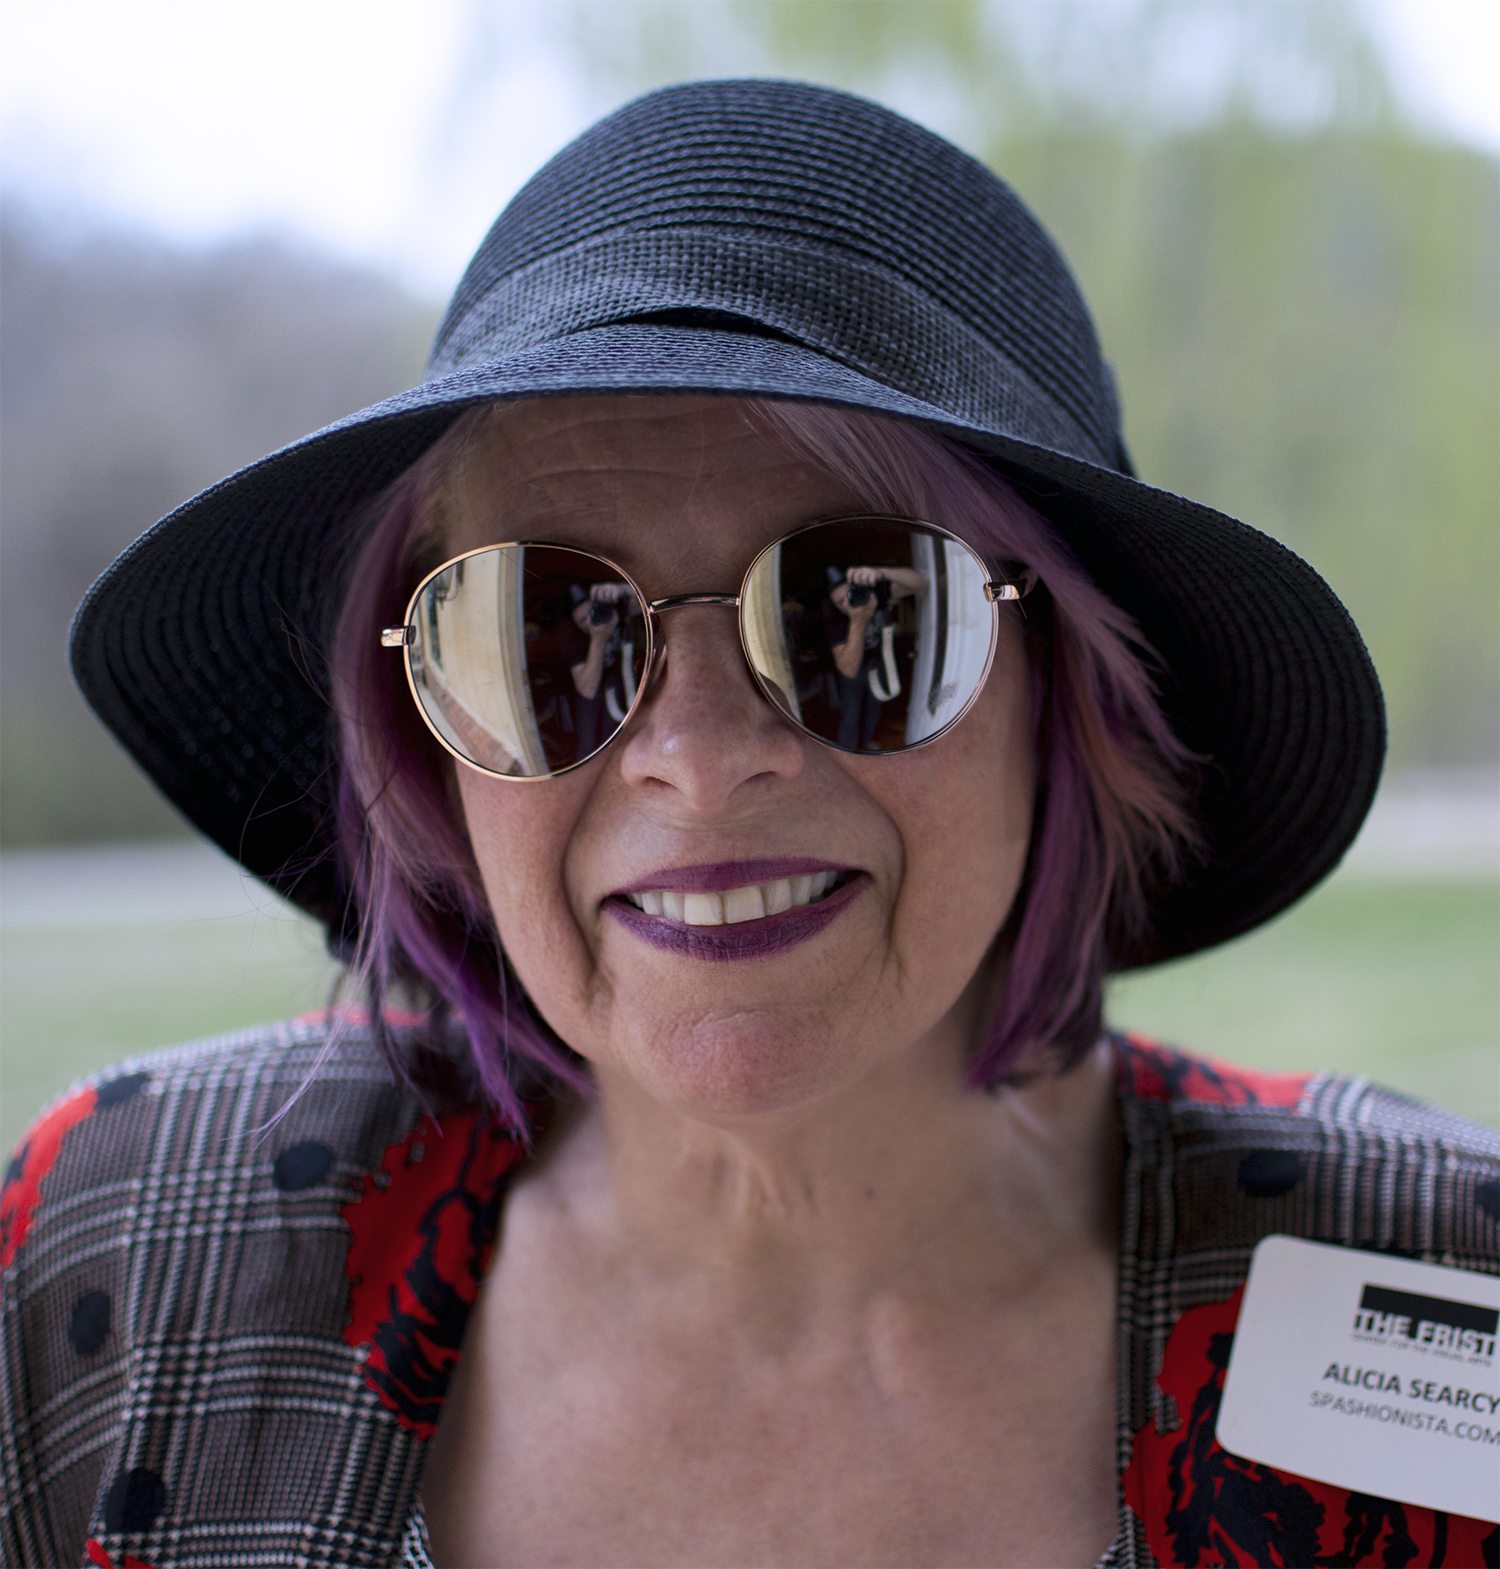 Alicia Searcy